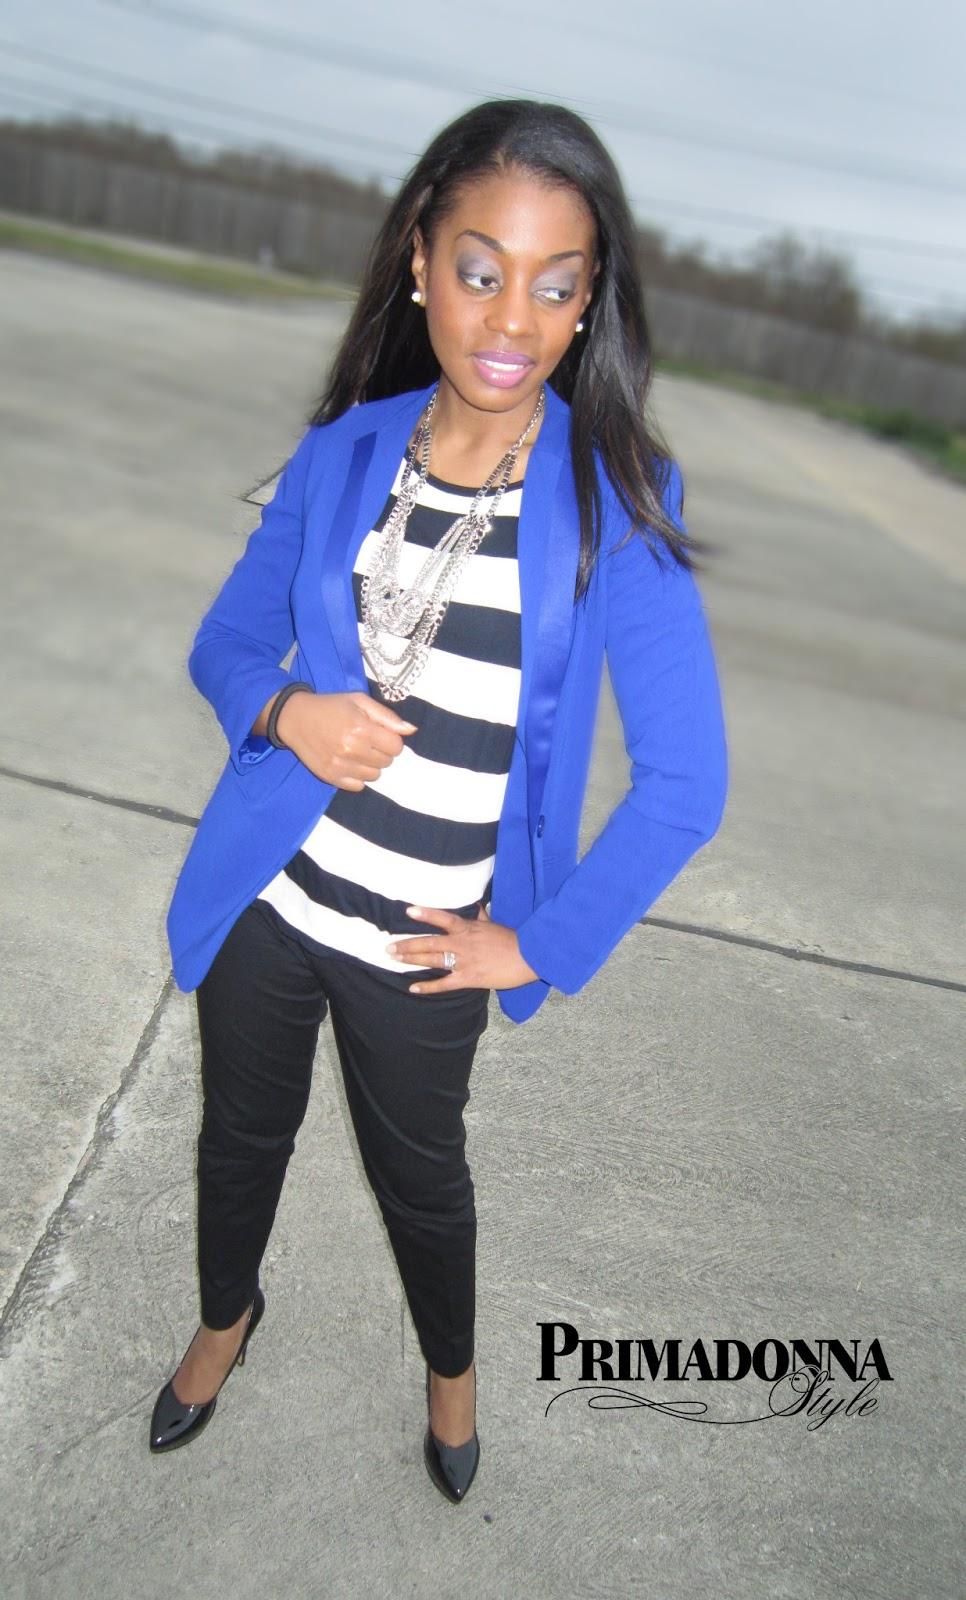 Primadonna Style: Work Week Chic: Royal Blue Blazer